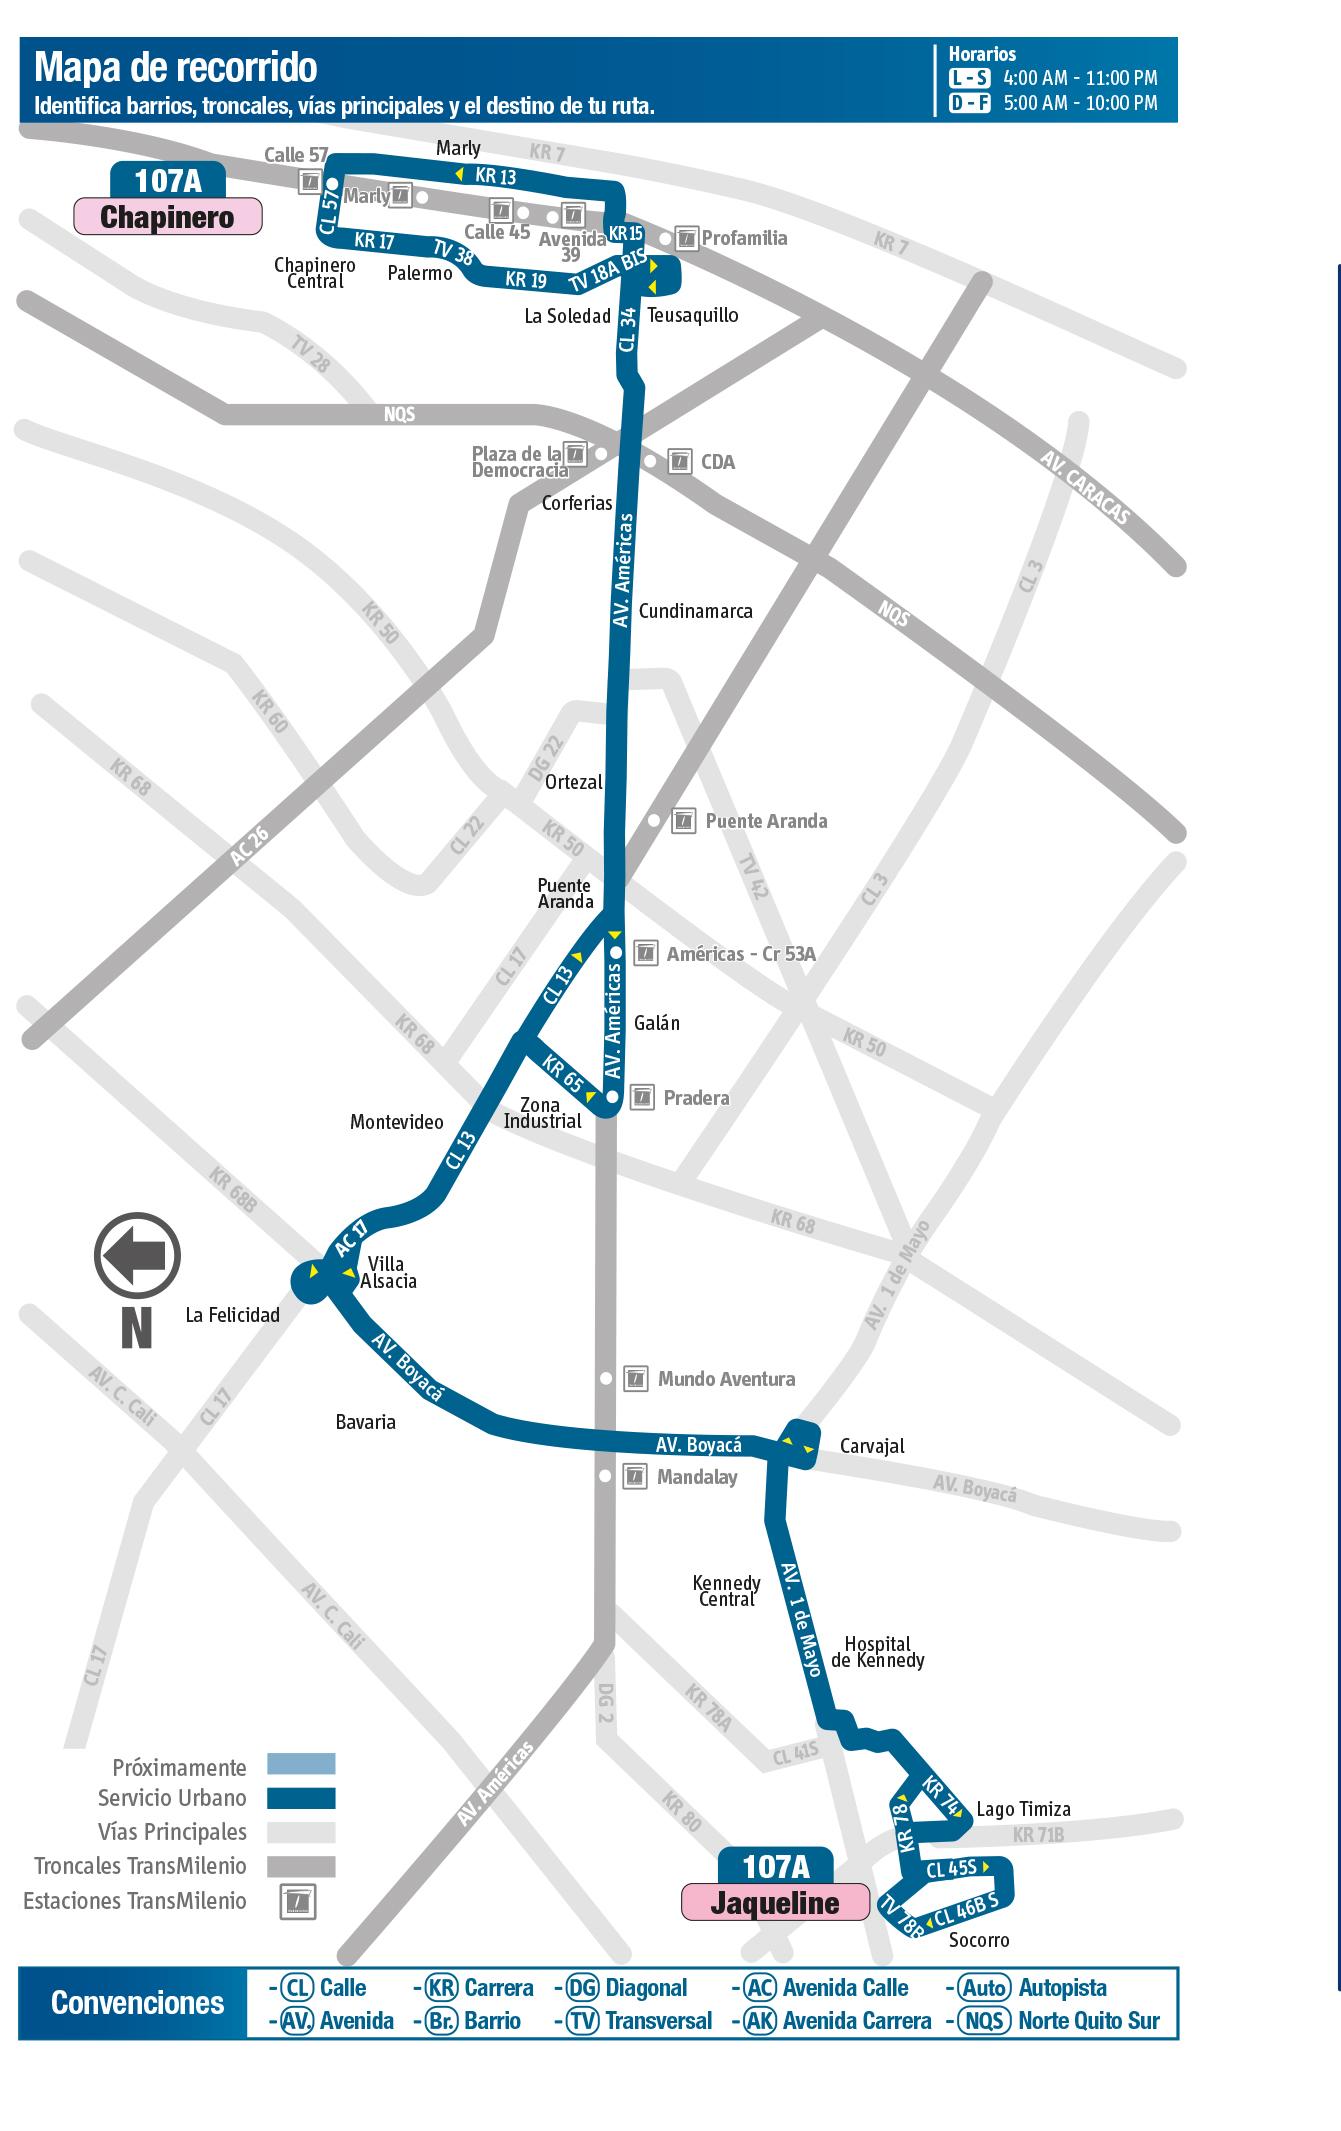 Mapa de la ruta 107 del SITP